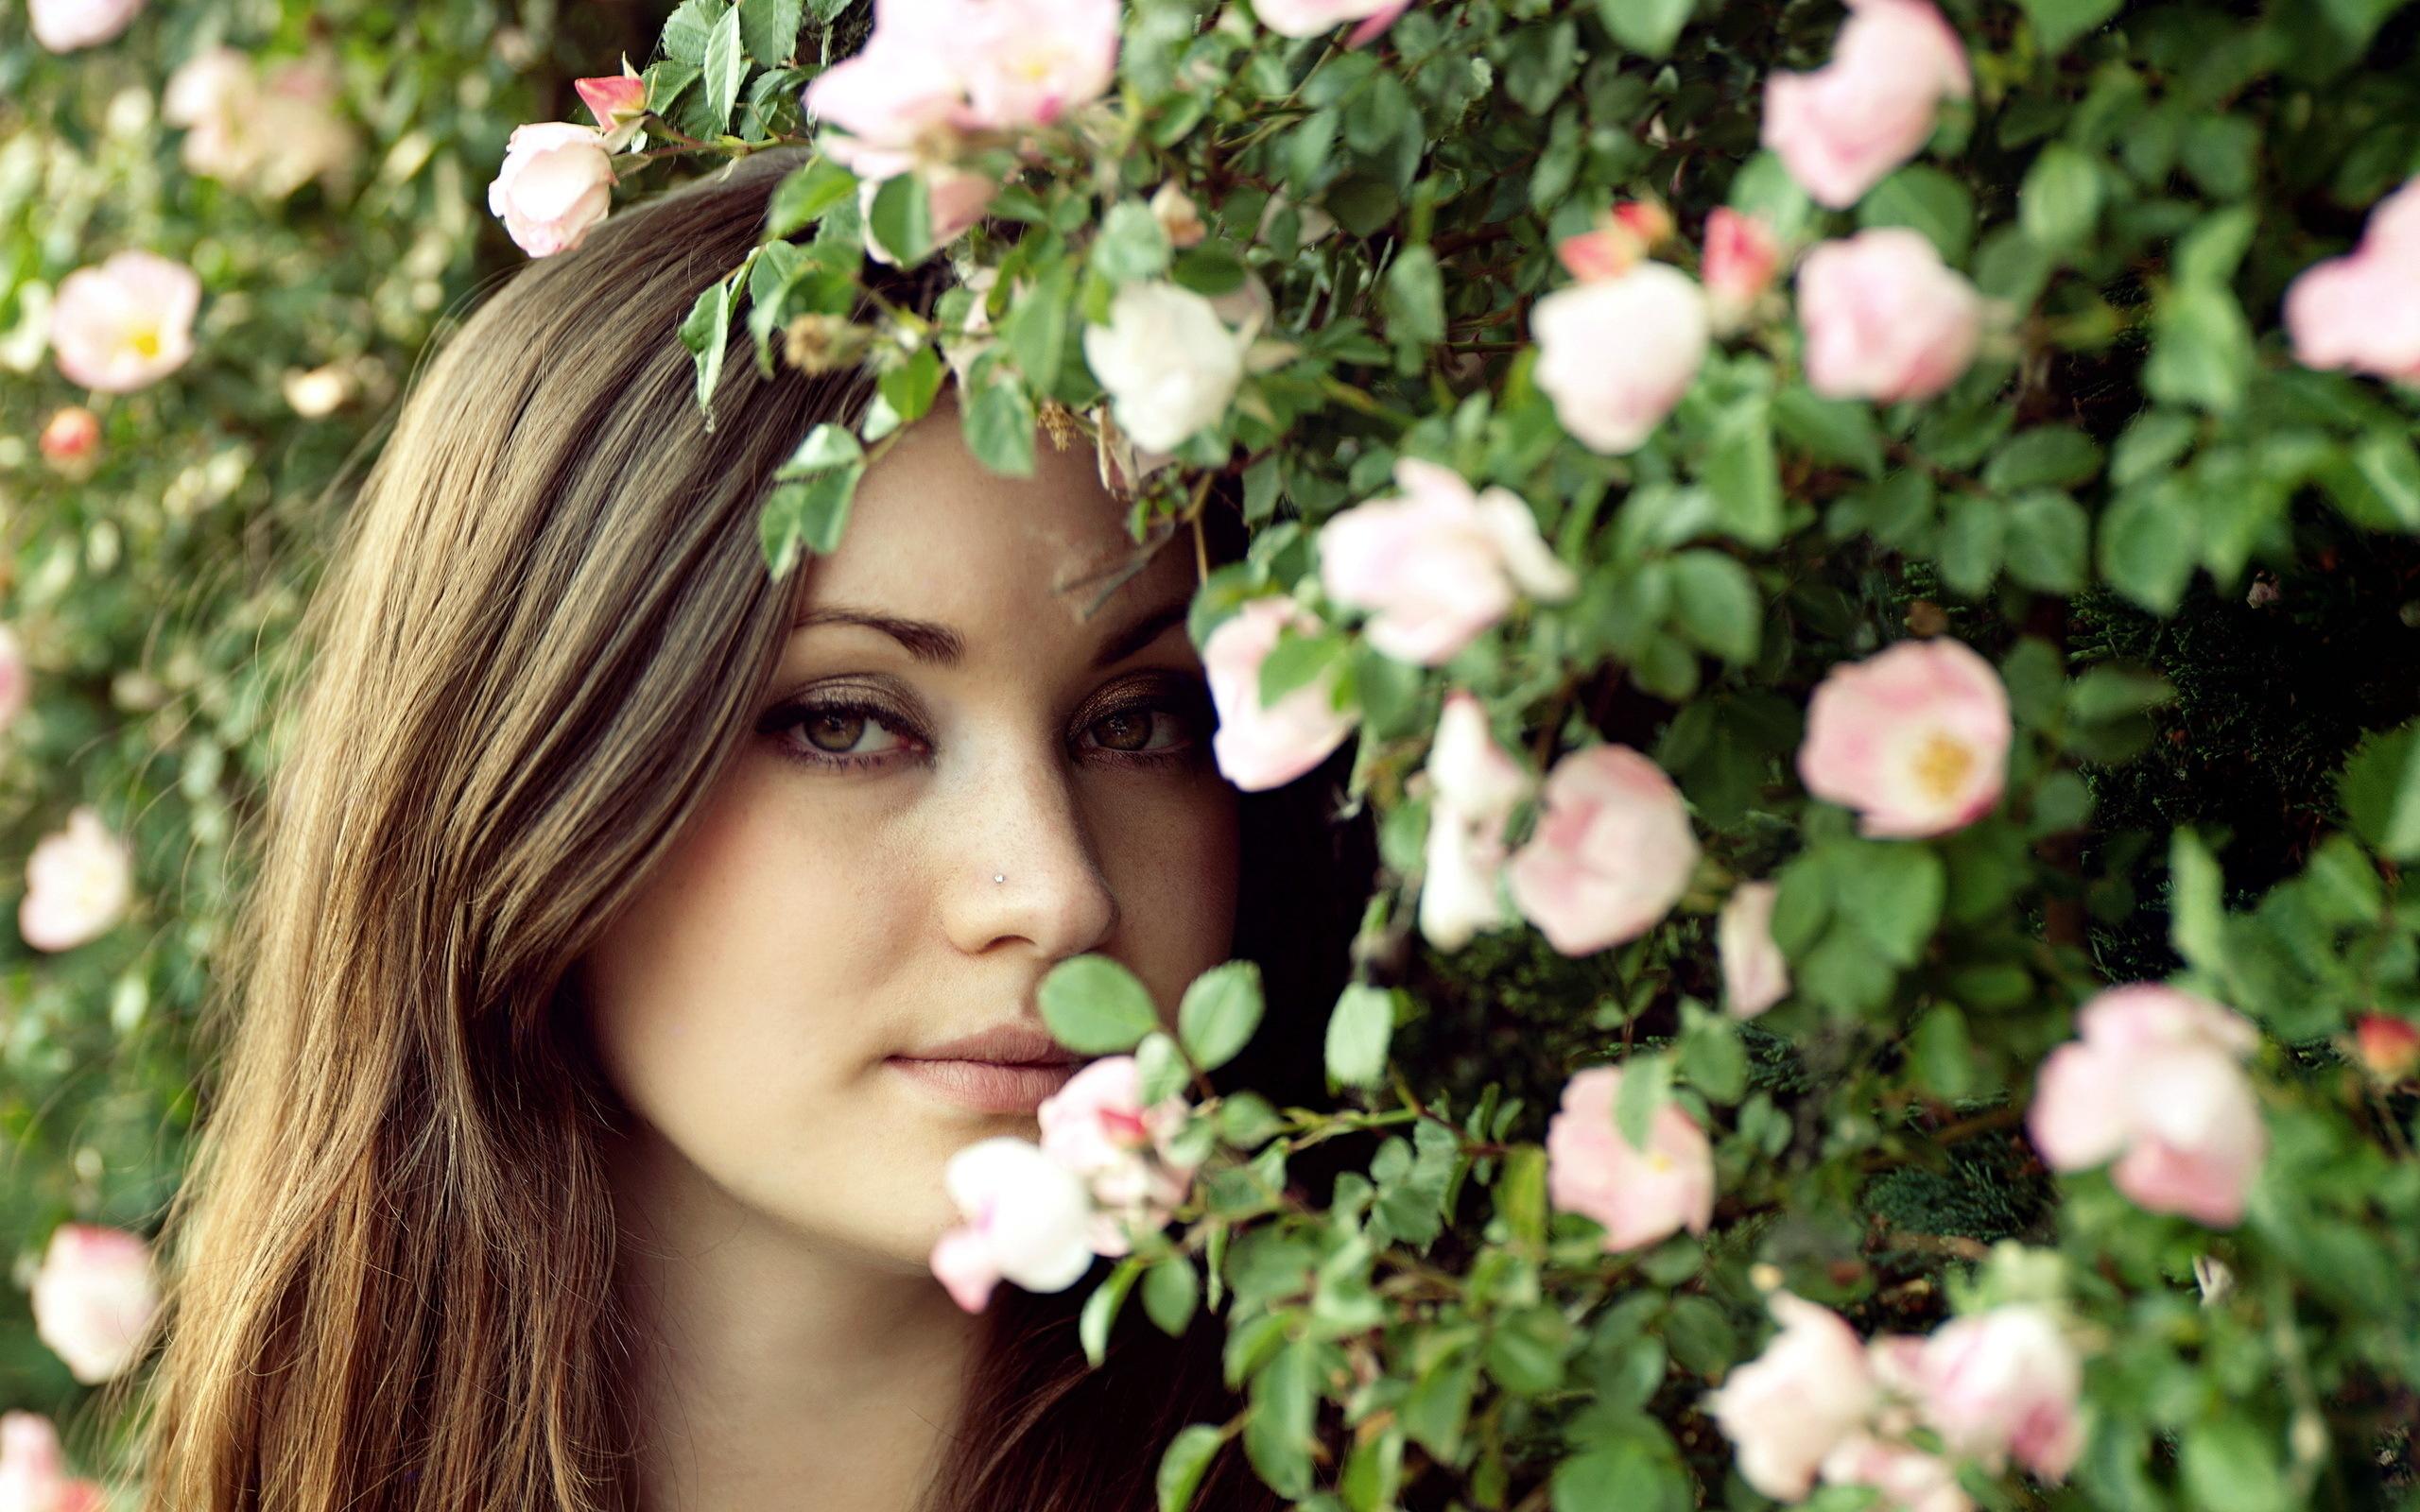 Для, картинки вы очень красивая женщина